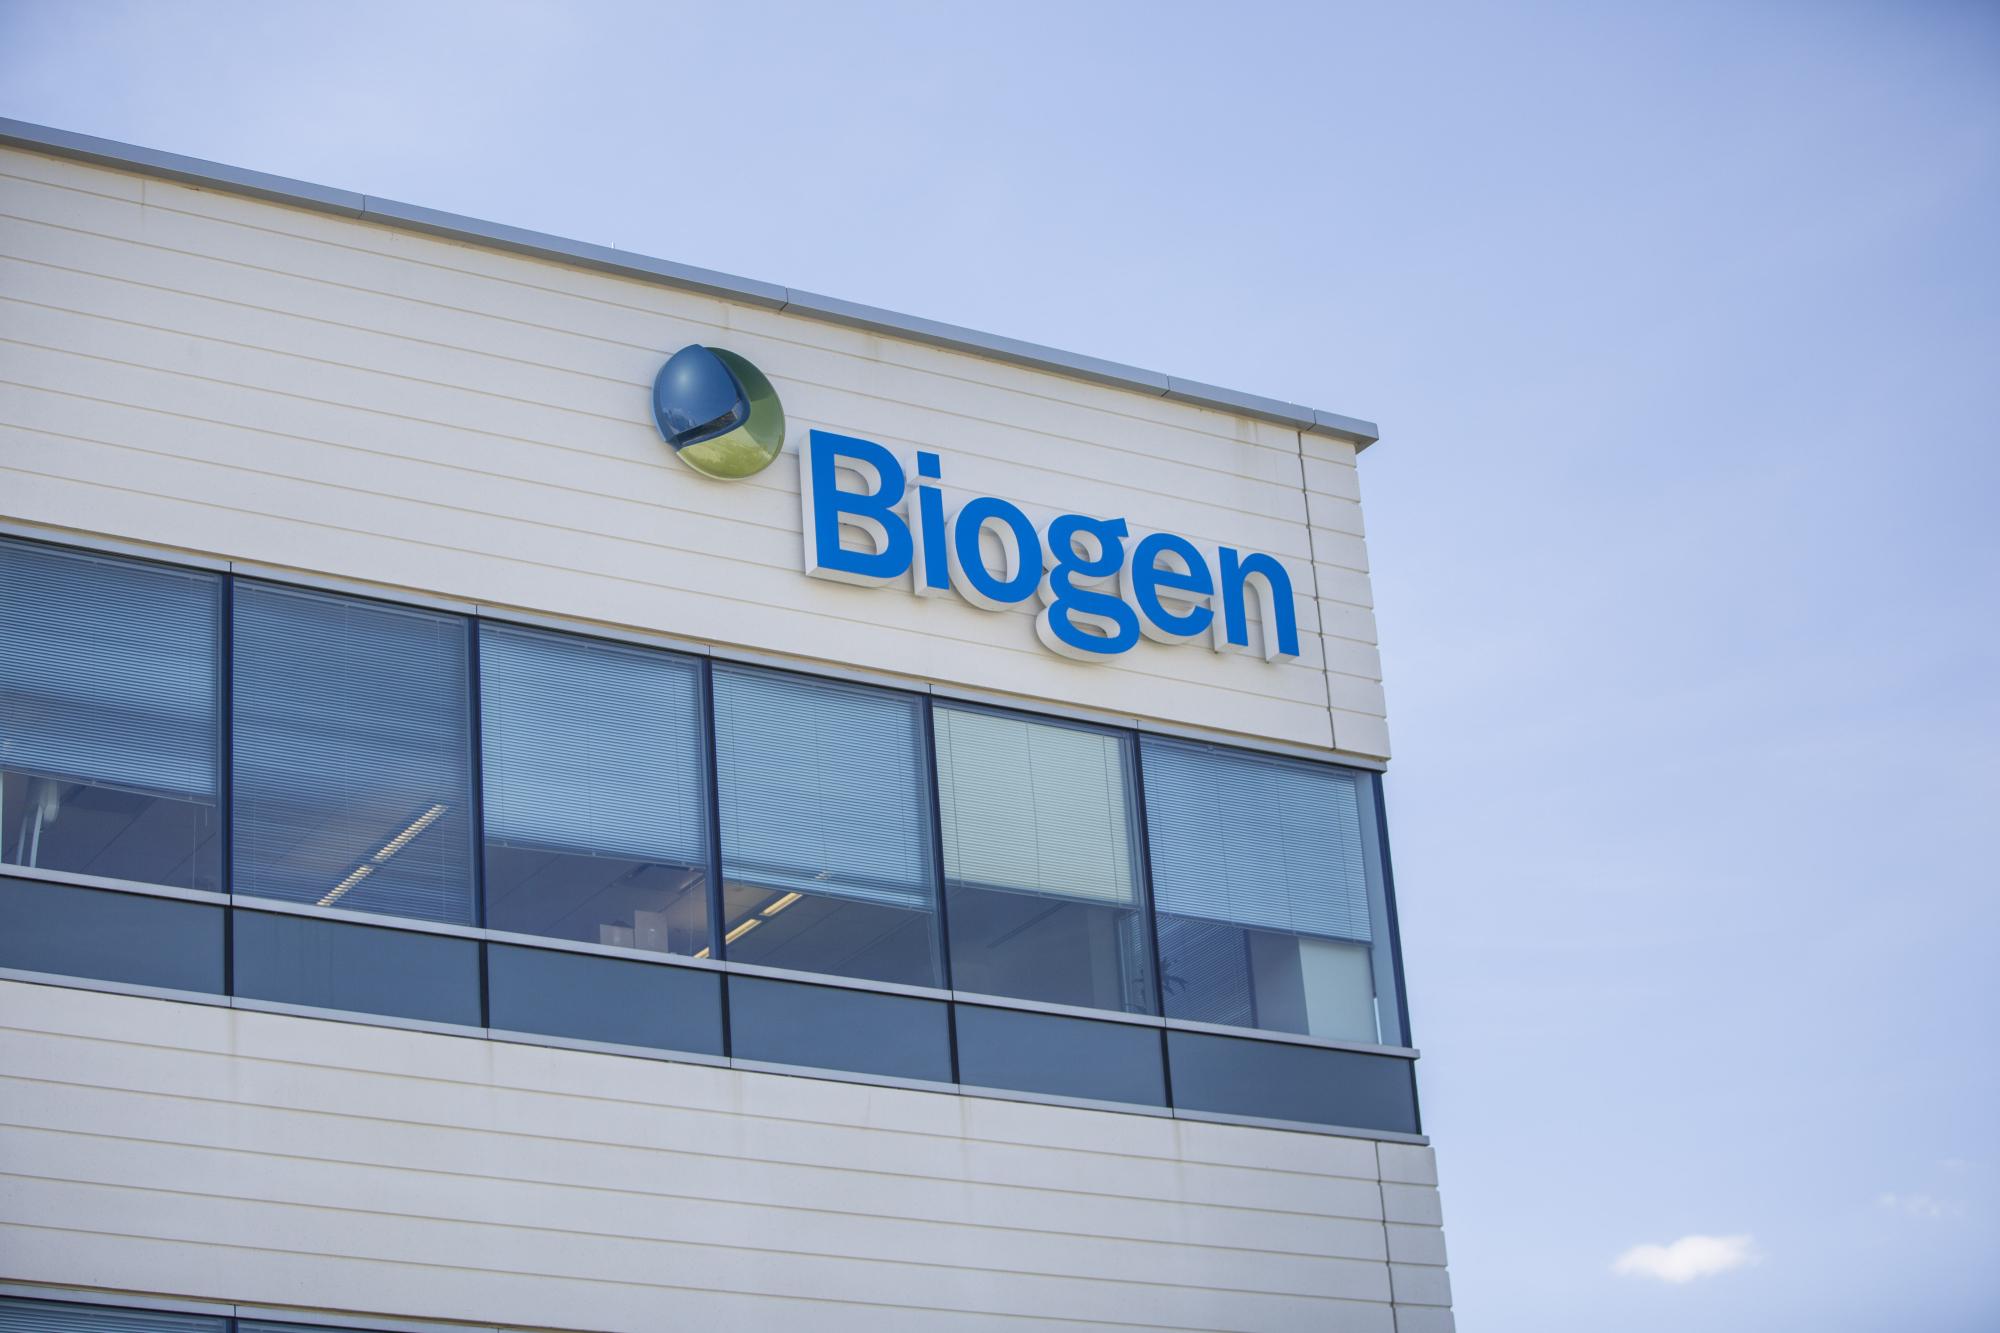 Biogen 8.77億美元收購 基因療法公司Nightstar 擴大罕見眼科疾病產品線。(圖片來源:網路)